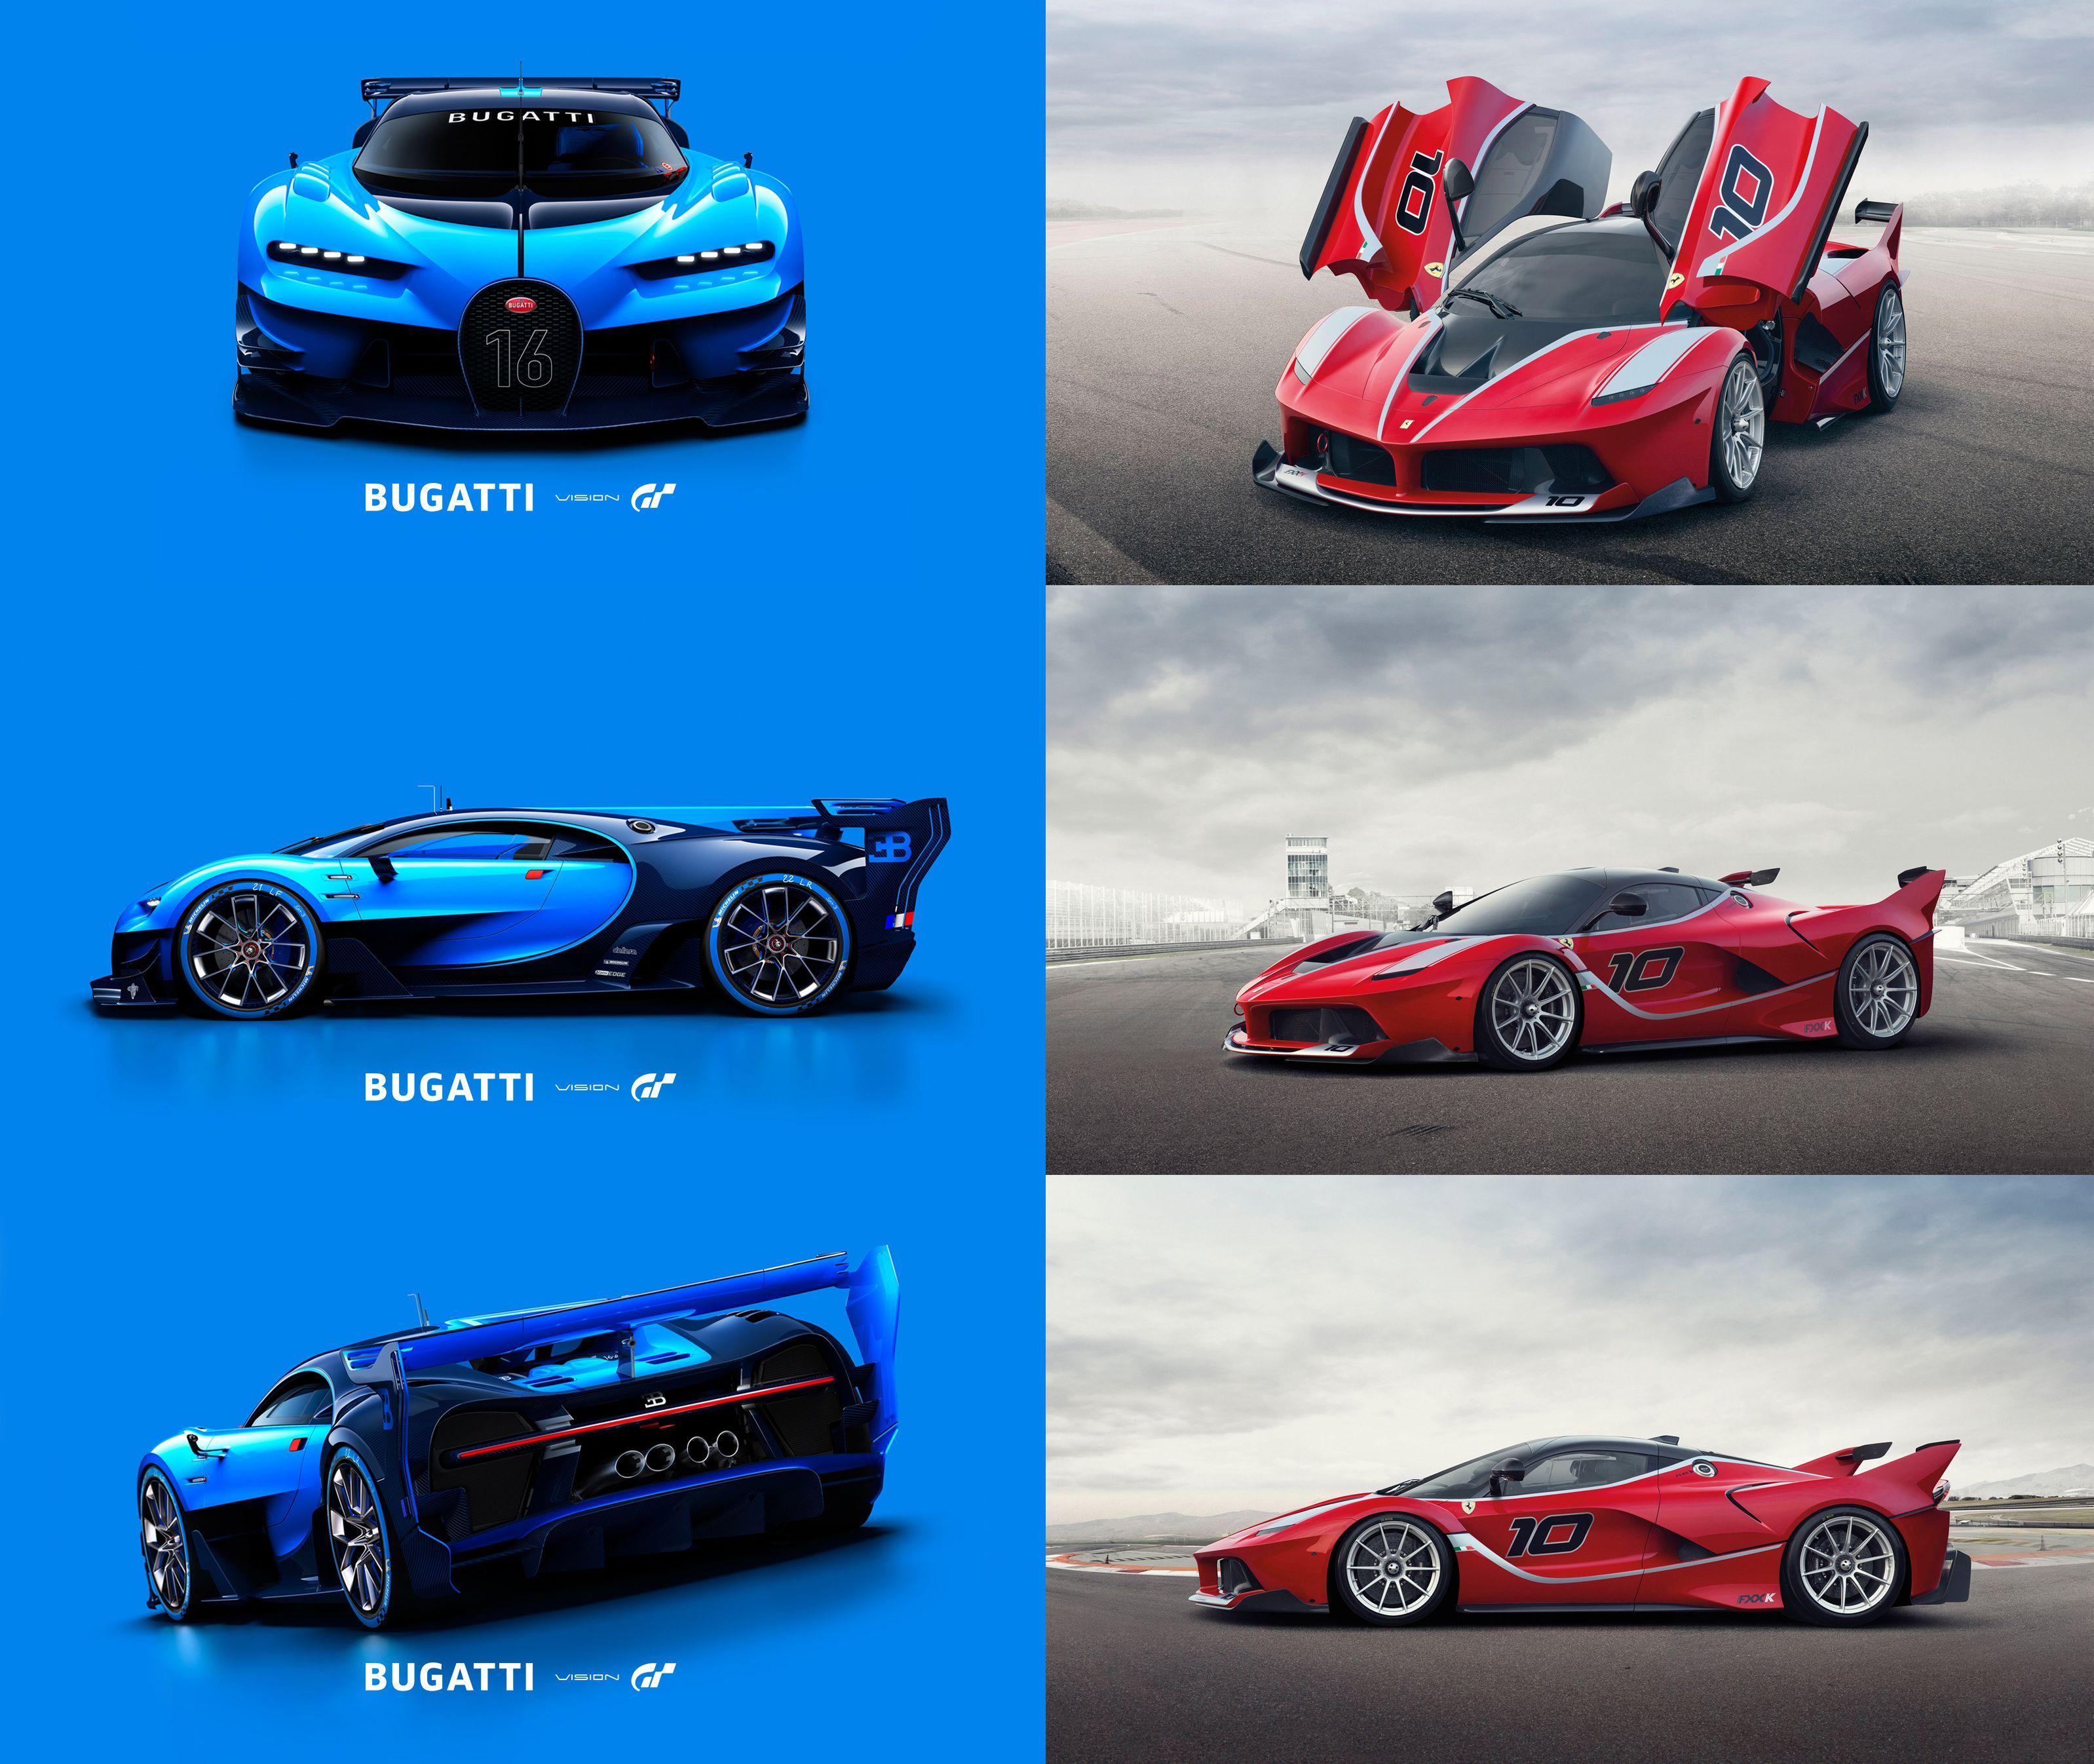 Bugatti Vision Gran Turismo VS Ferrari FXX K #Bugatti